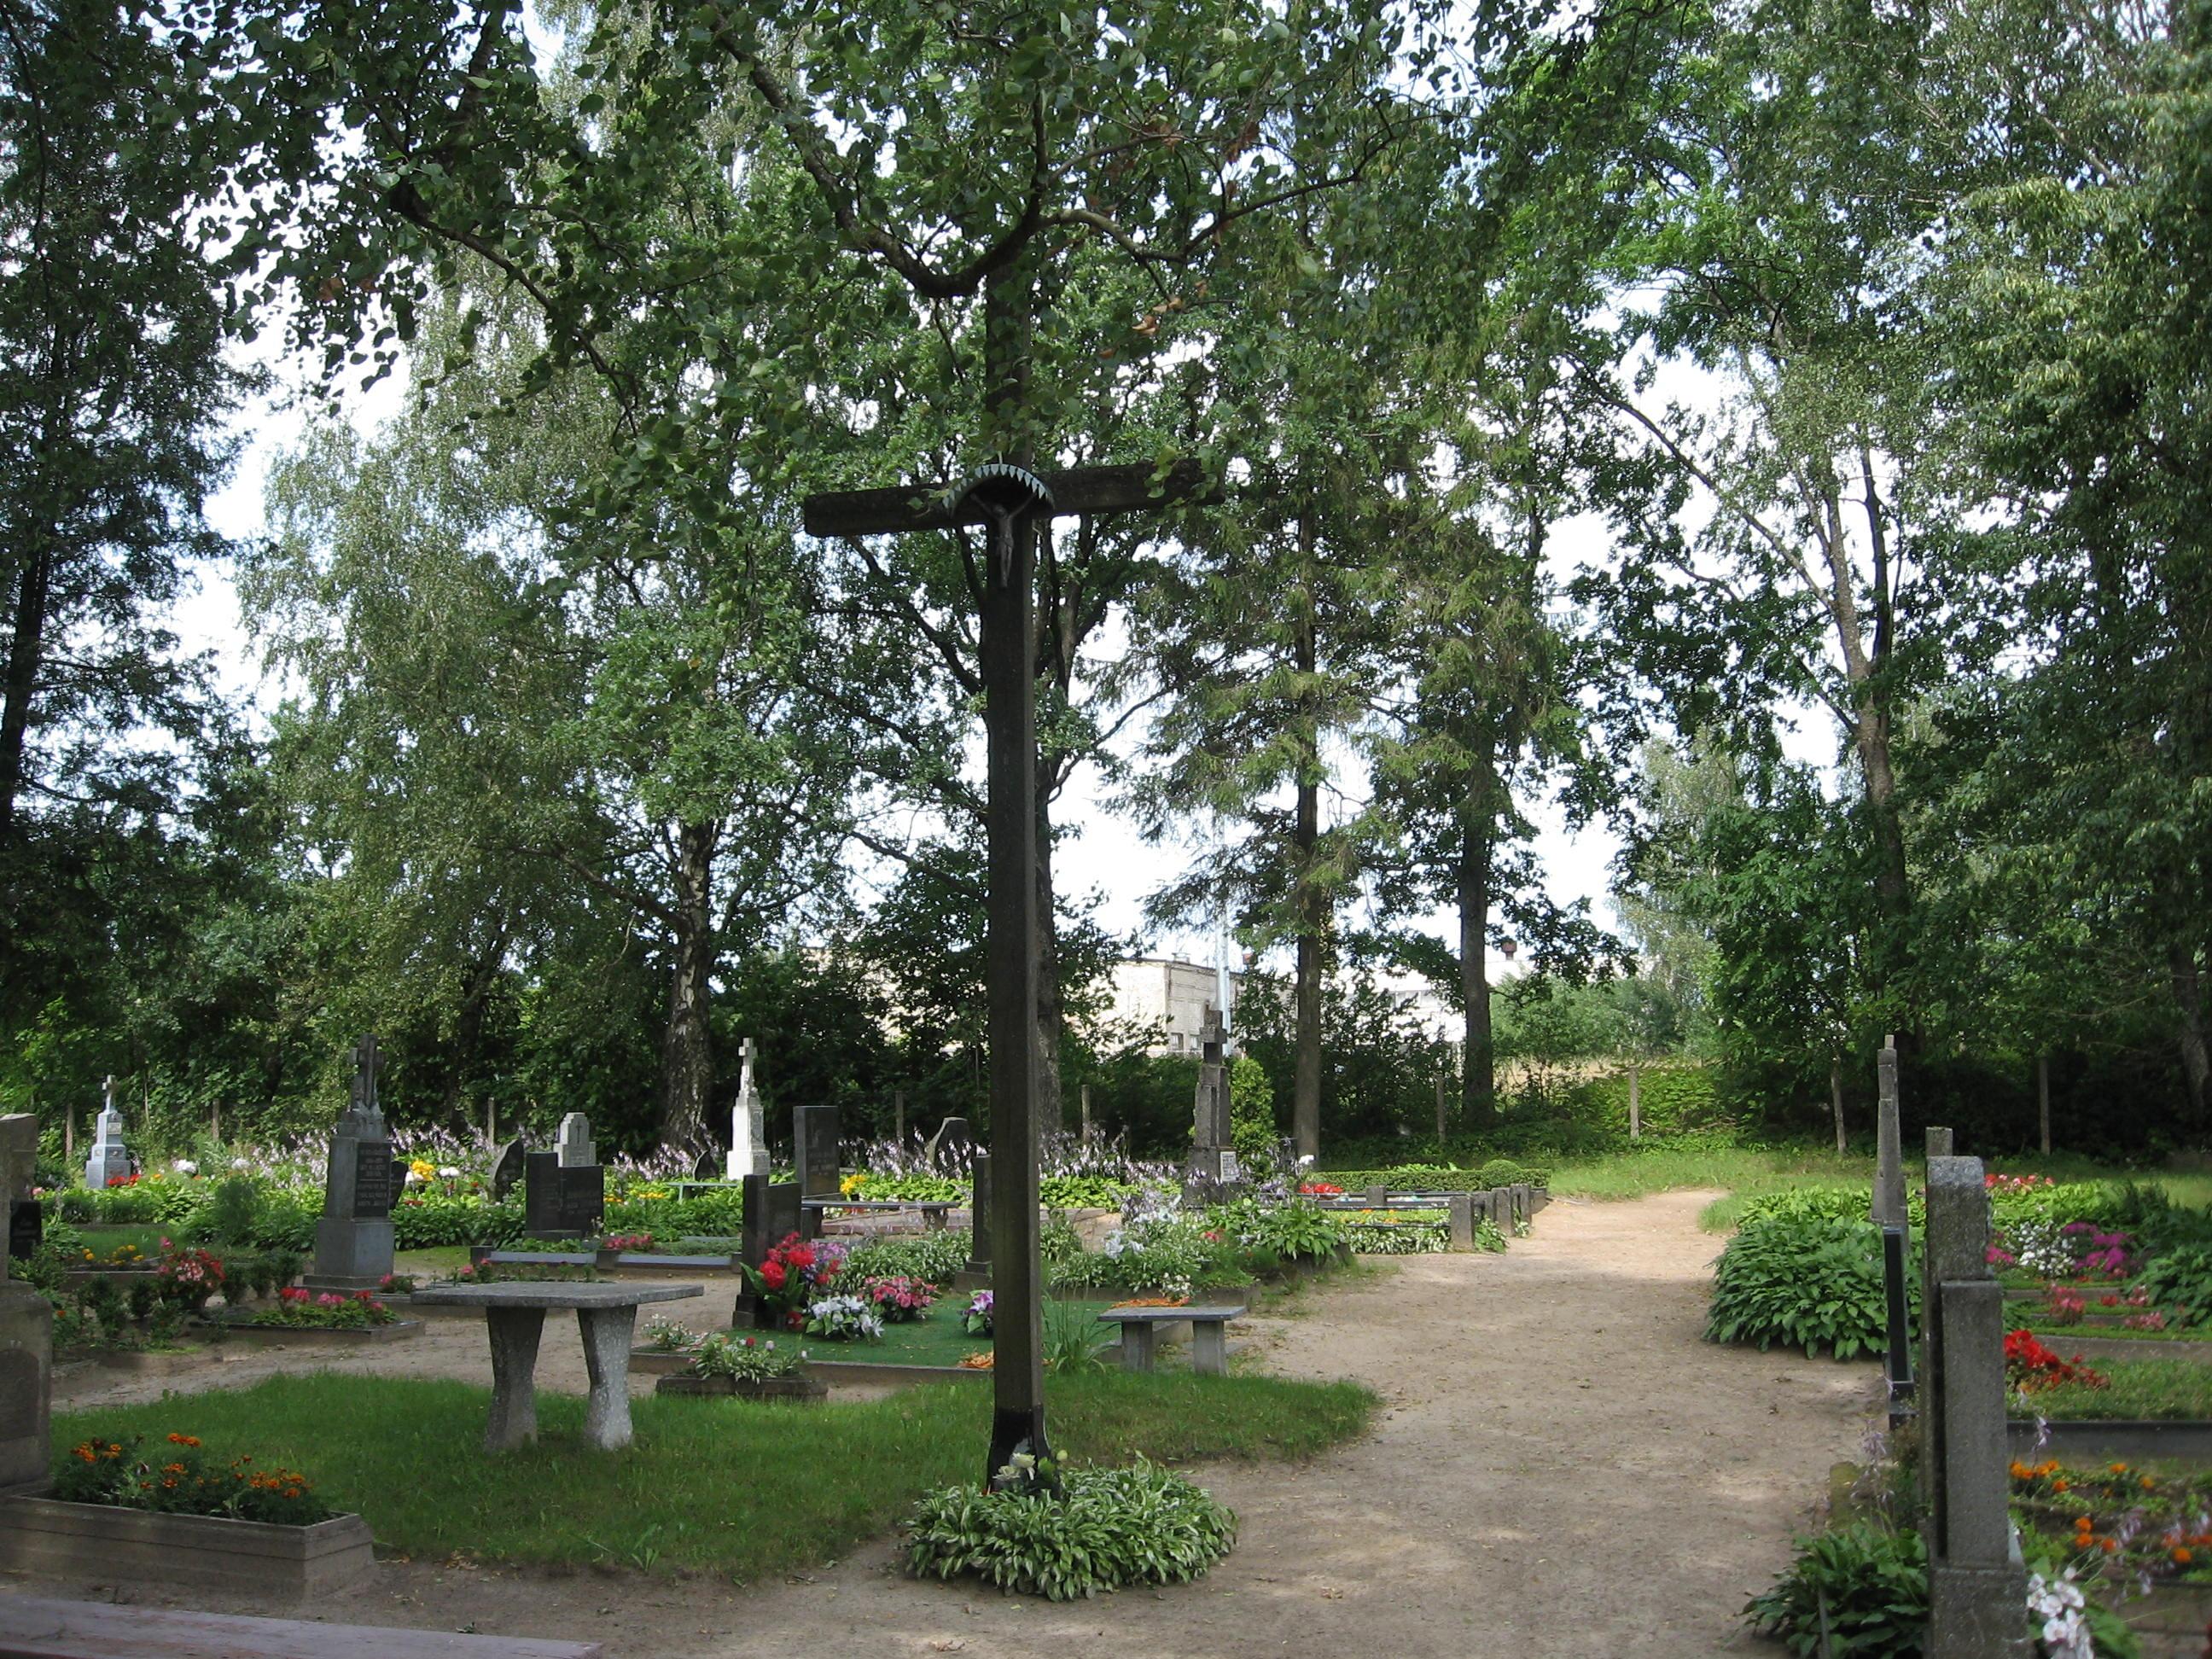 Evangelikų liuteronų kapinės Žemaičių Naumiestyje   vikipedija.lt nuotr.